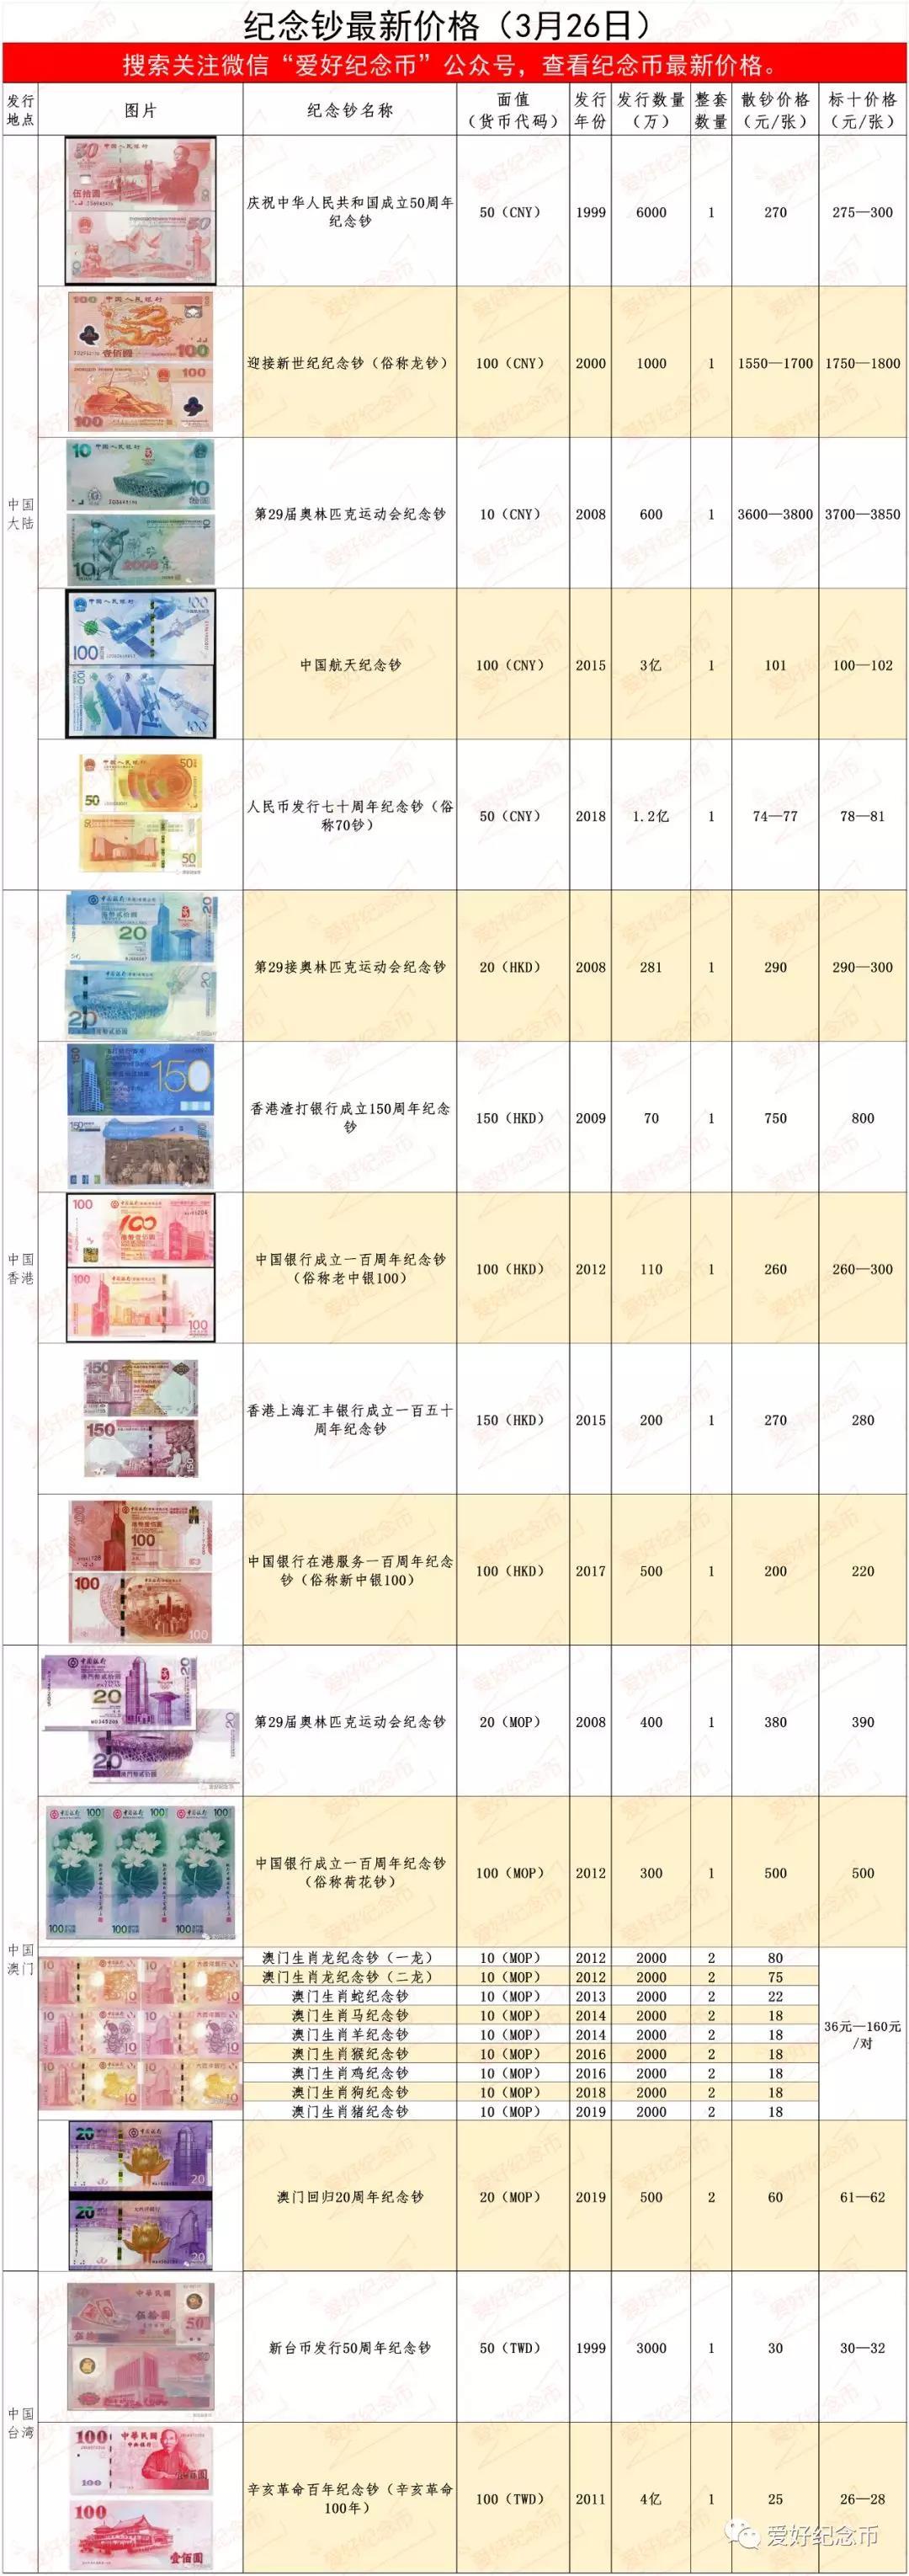 纪念币、纪念钞最新市场价格行情(3月26日)